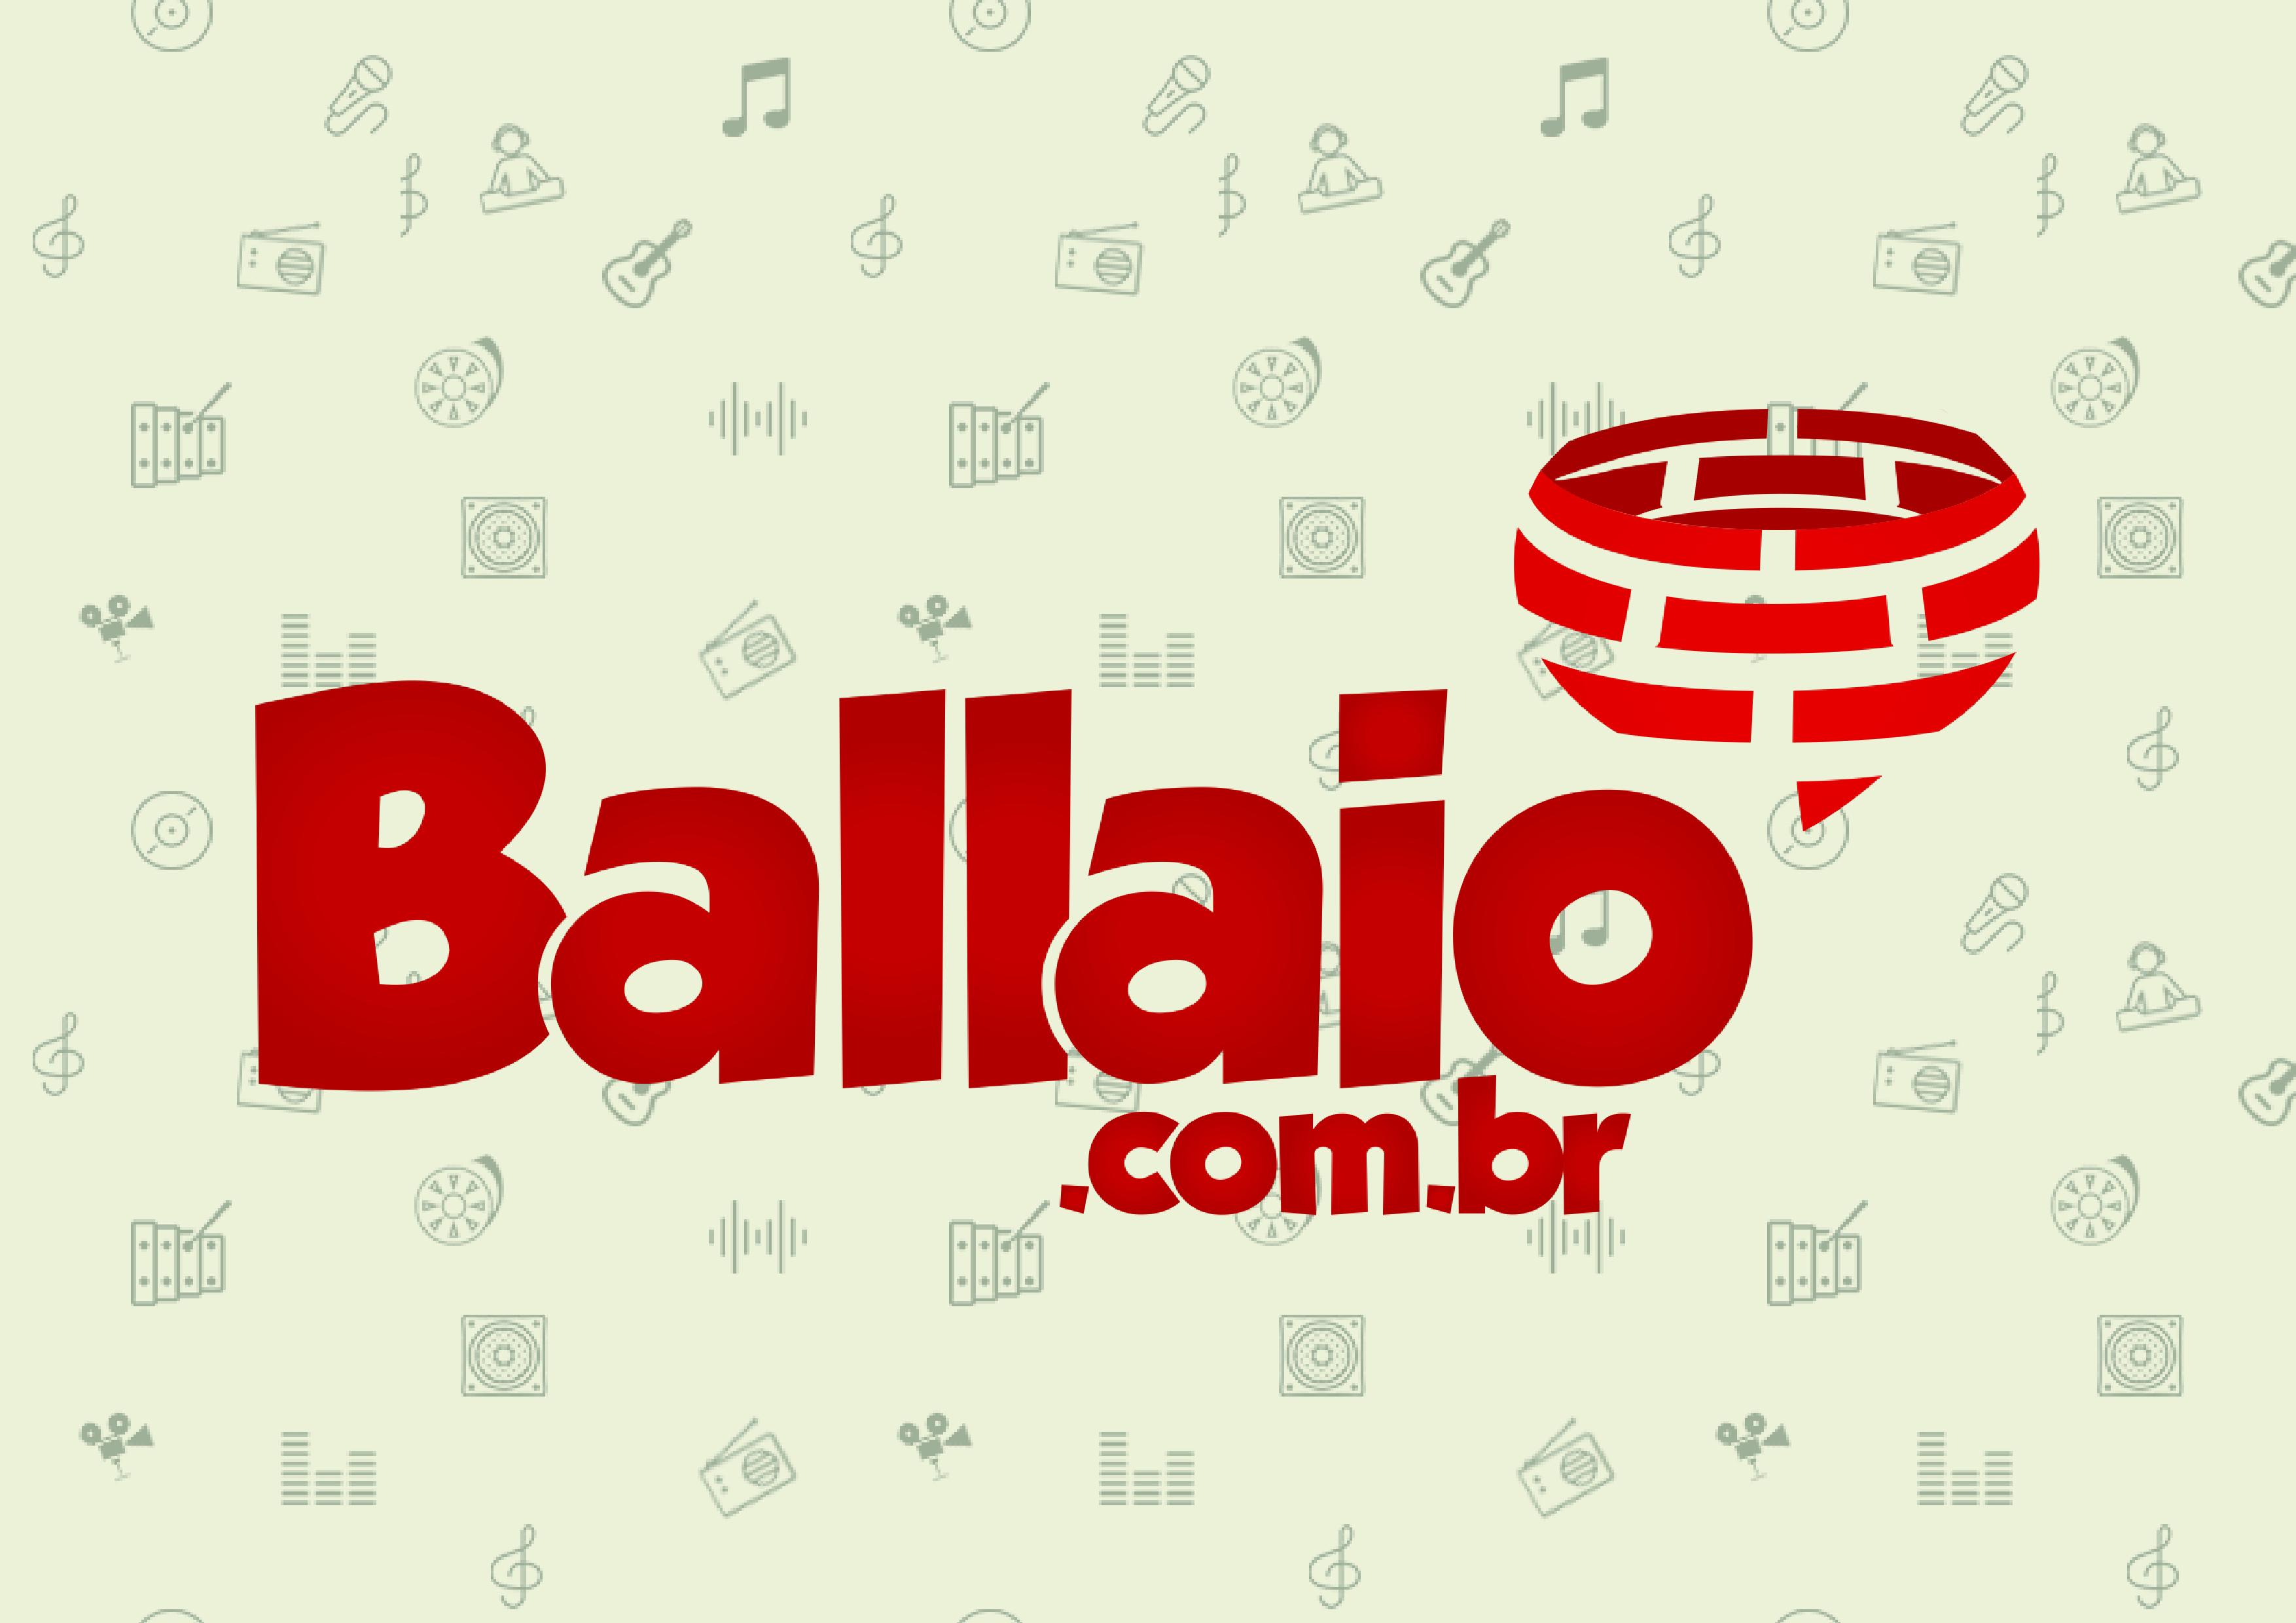 Ballaio: estreia hoje a maior comunidade de sites sertanejos do Brasil